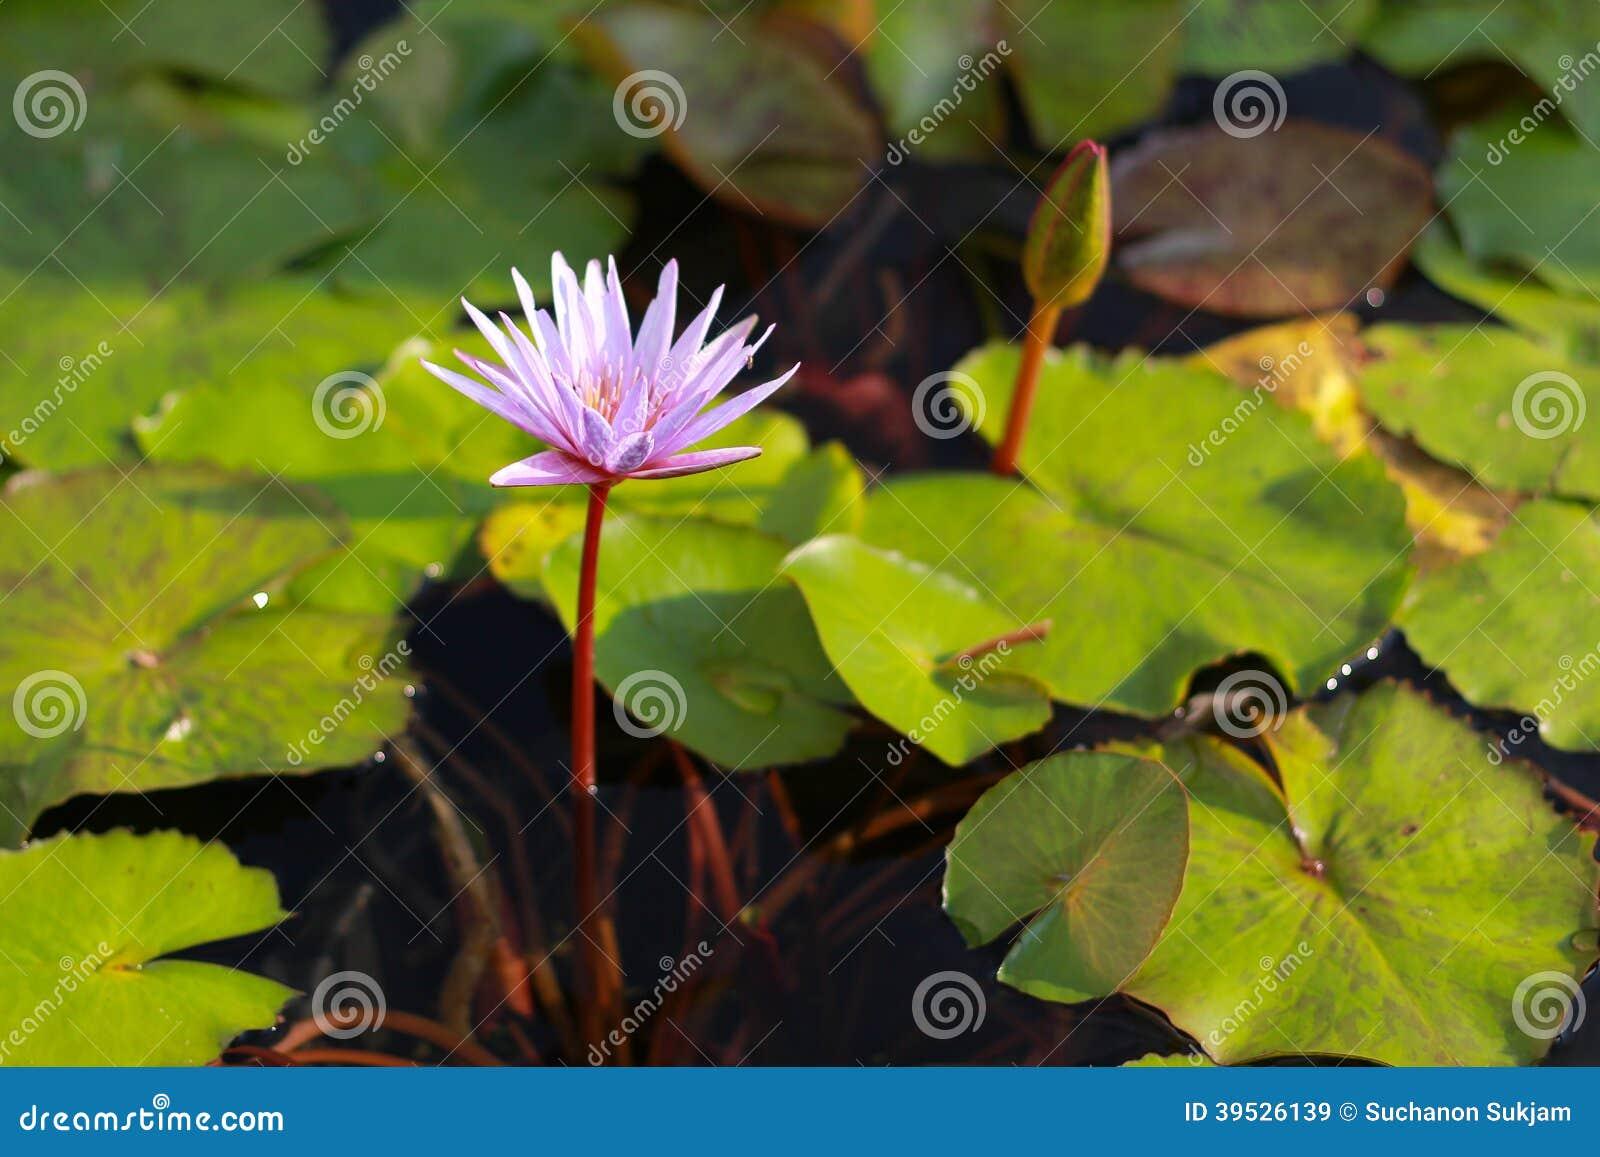 Fleur de lotus rose fleurissant dans la piscine